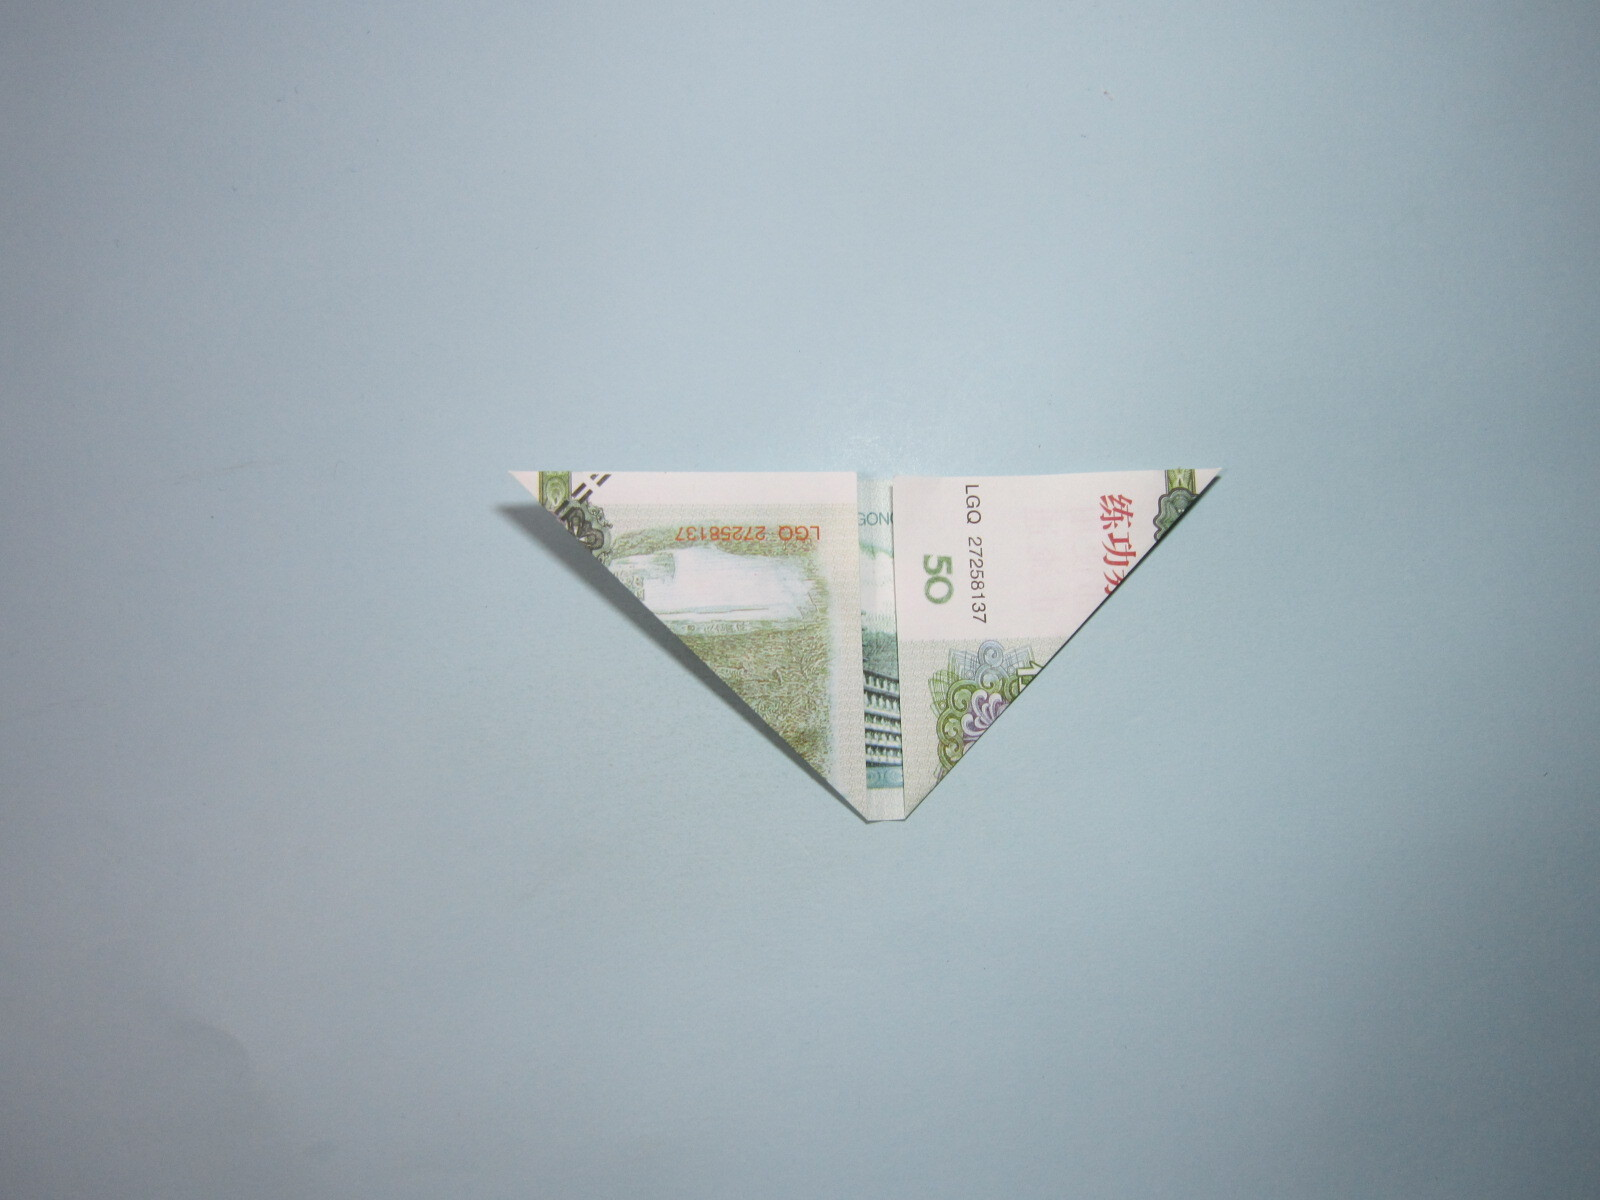 用钱折纸花,步骤详细图解